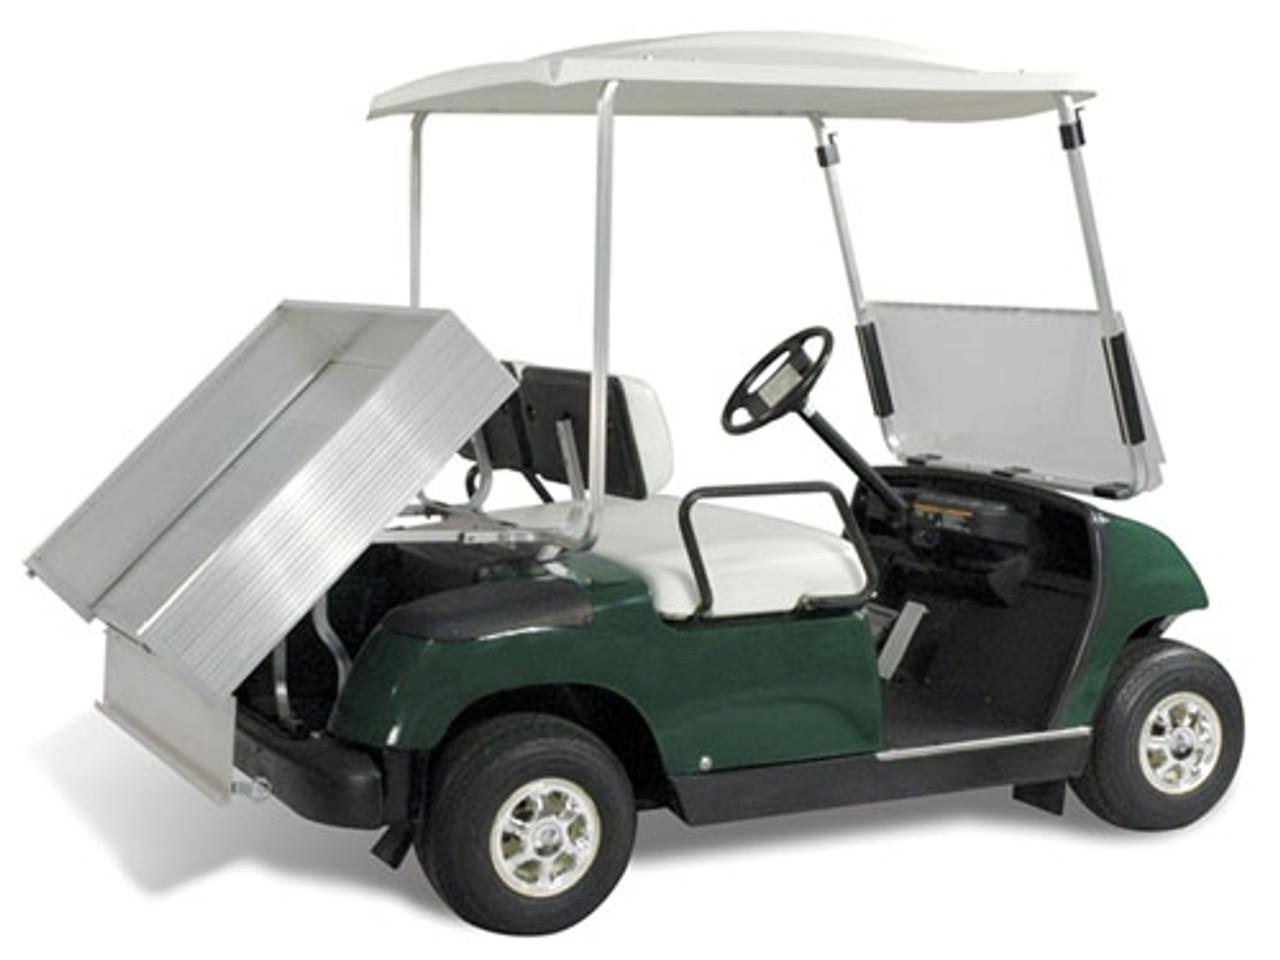 Yamaha Golf Cart Light Kit - G2, G9, G14, G16, Drive & More on ezgo light kit, golf cart led light kit, yamaha golf cart light kit,